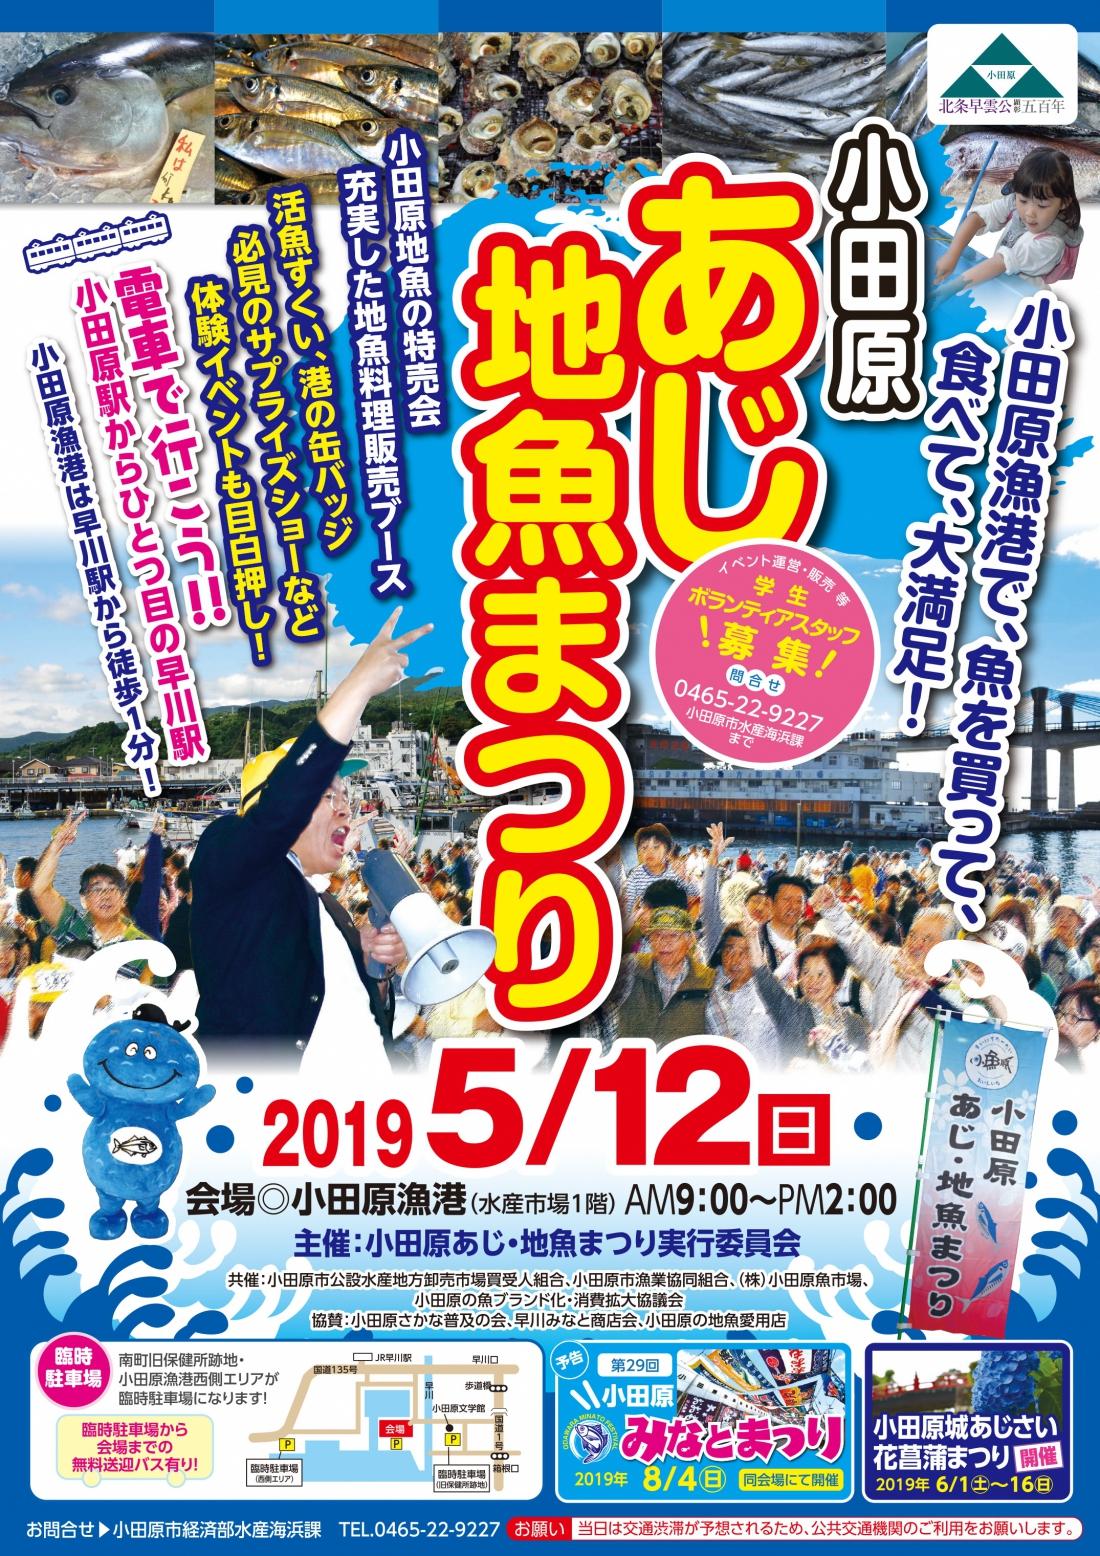 今年もやります!小田原あじ・地魚まつり2019!!【平成31年5月12日(日)】